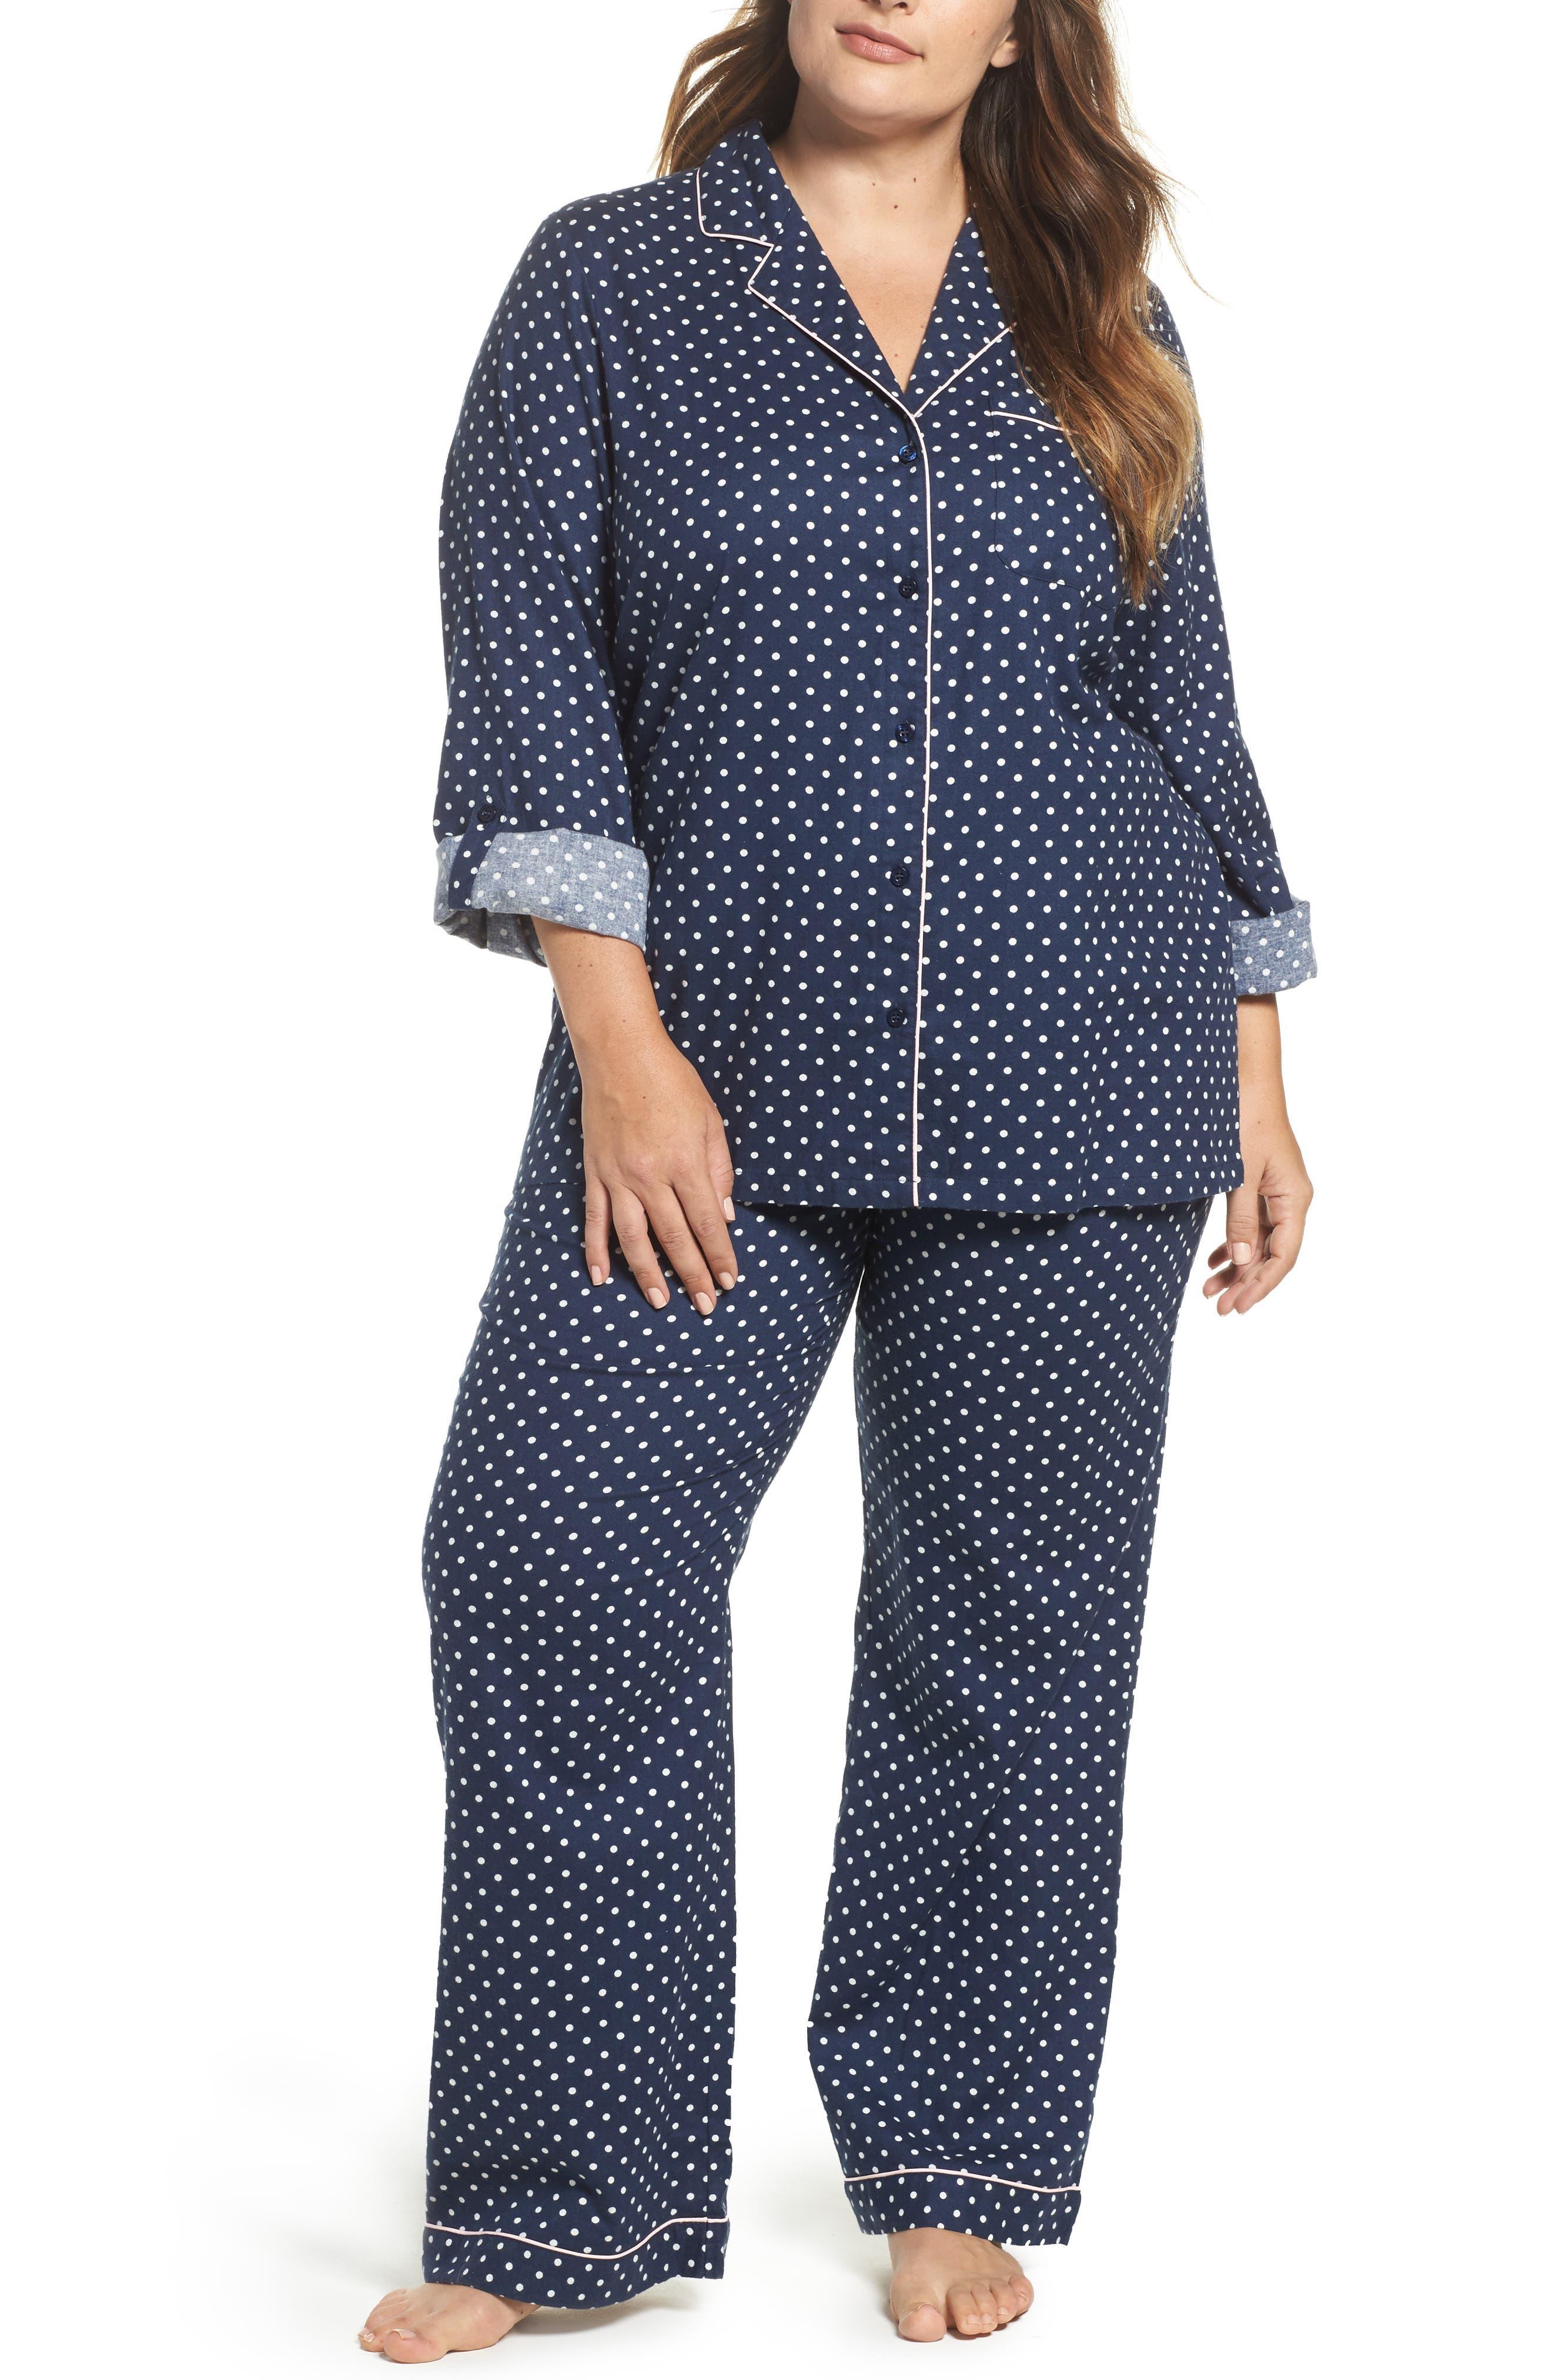 Cotton Twill Pajamas,                         Main,                         color, Navy Peacoat Flirty Polka